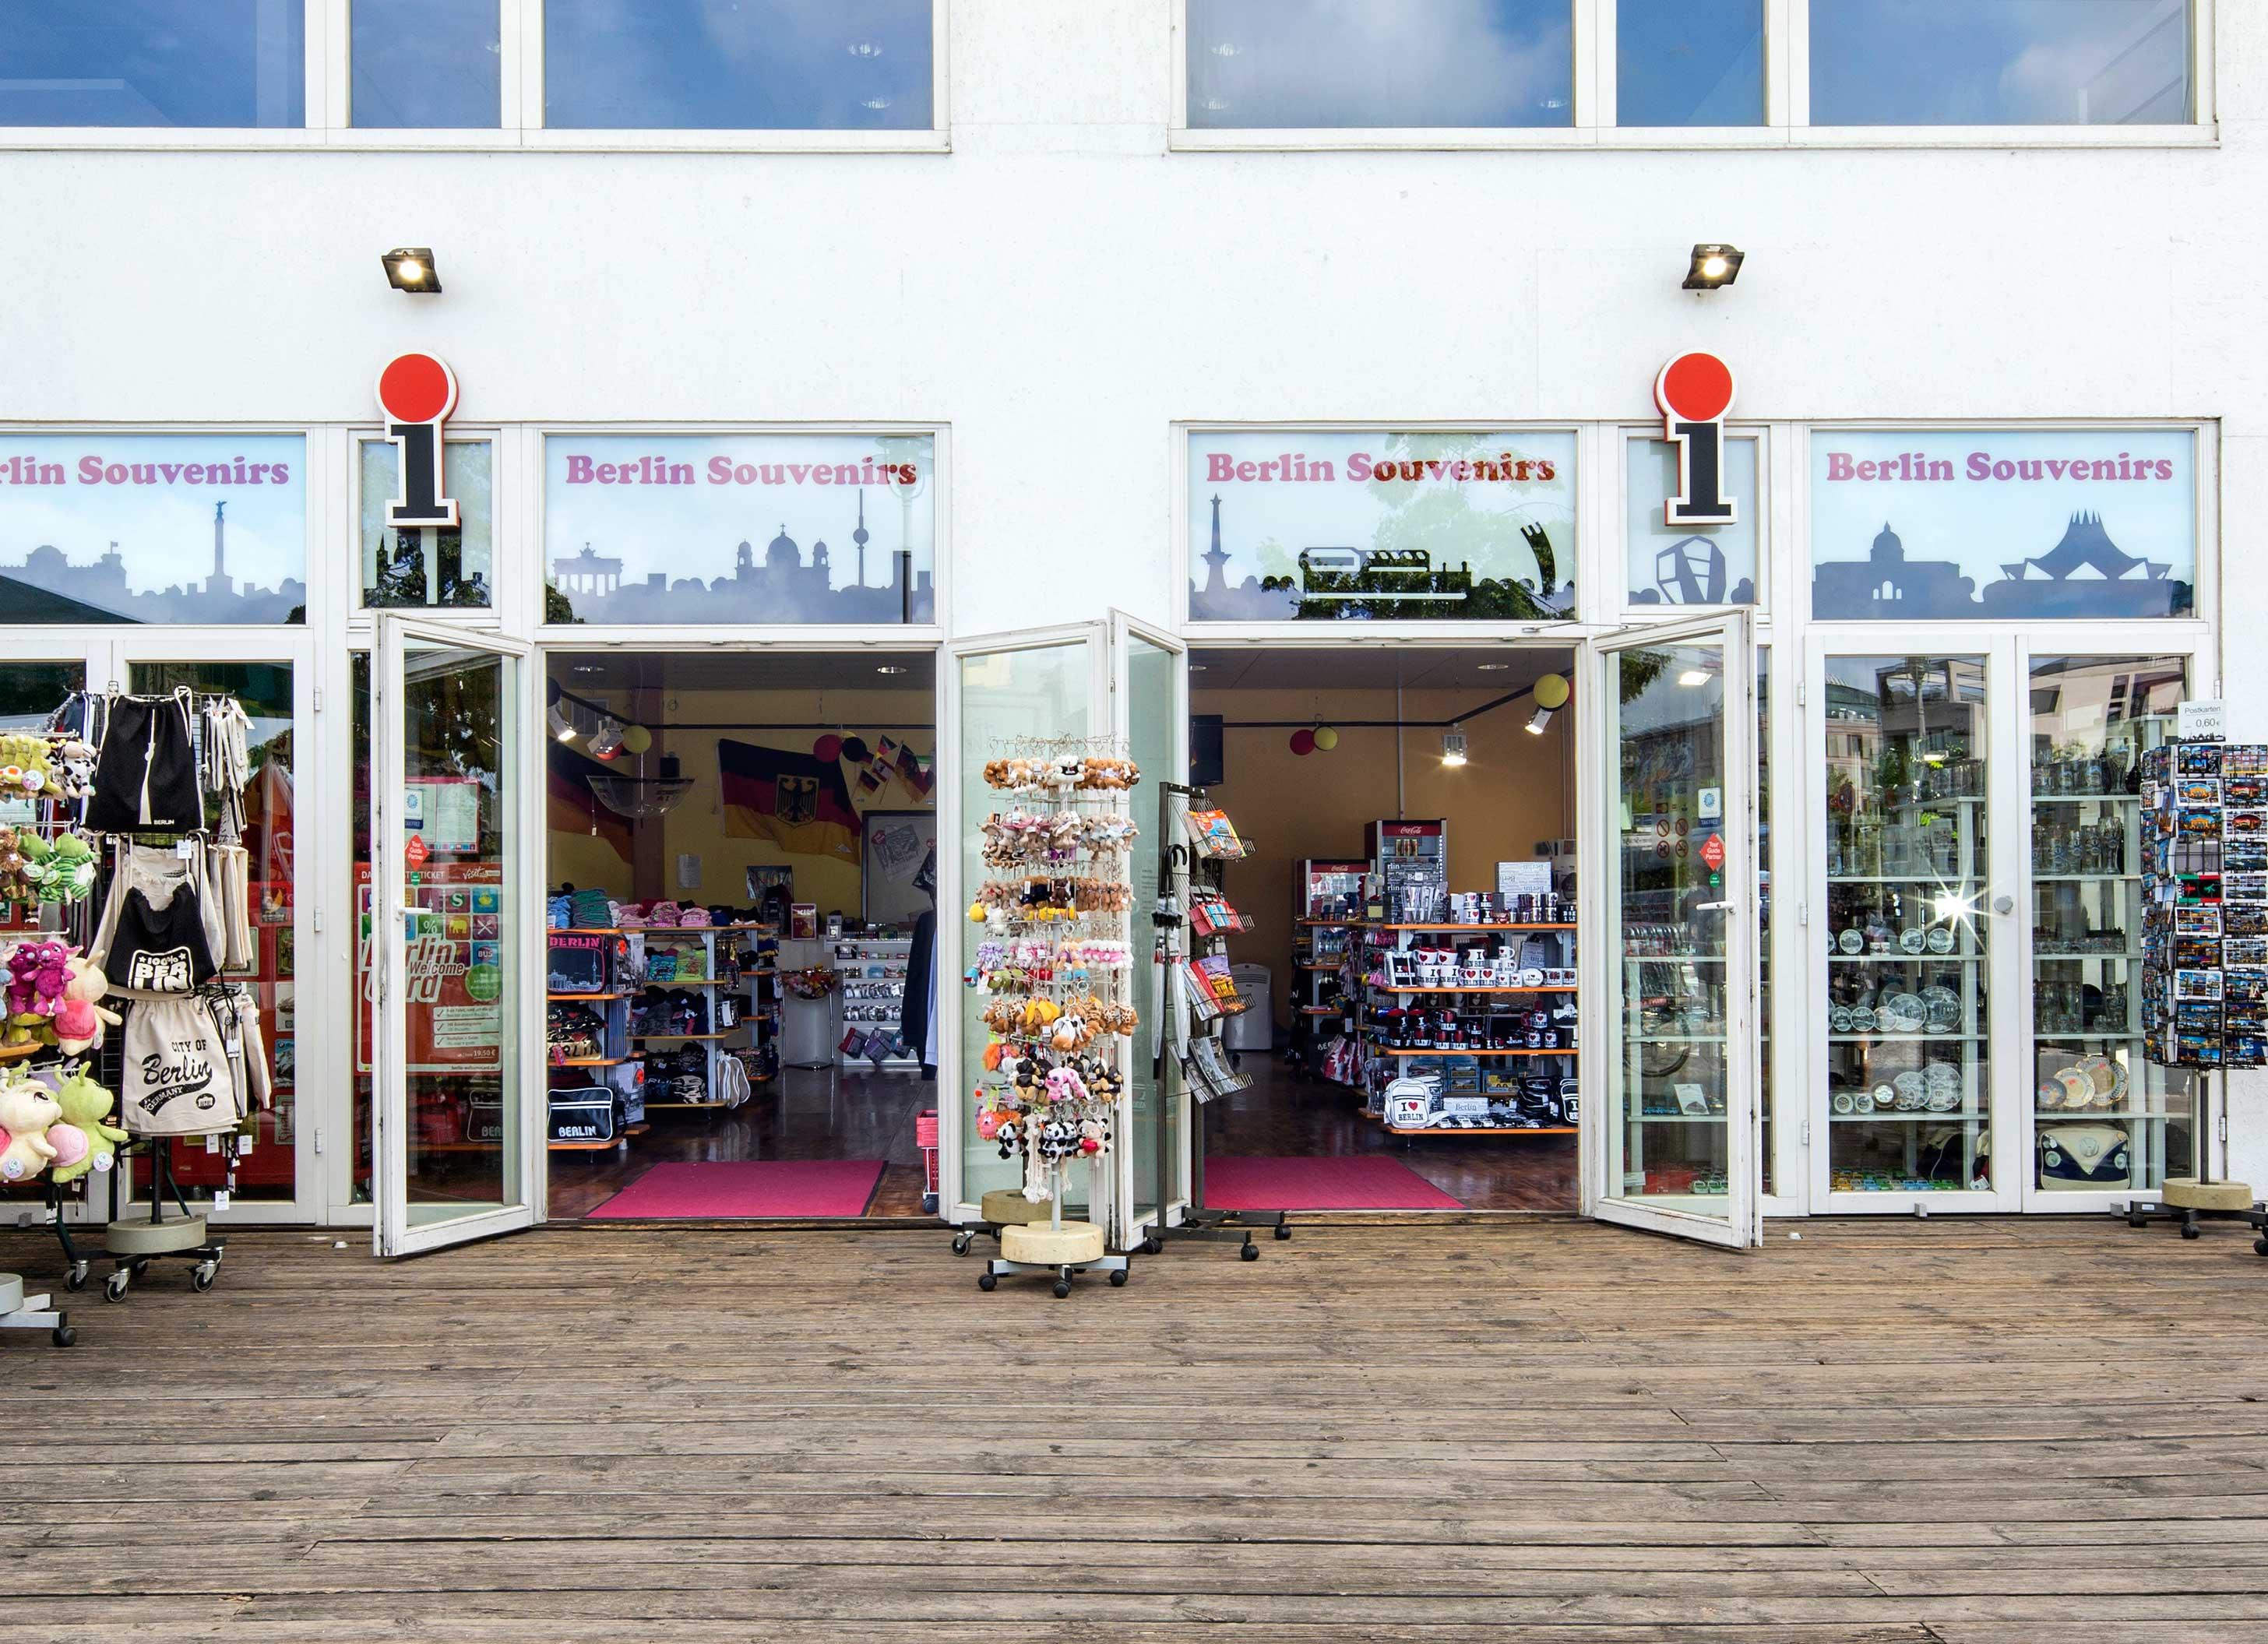 filialansicht filiale 17 cora berliner strasse souvenir gro und einzelhandel muddastadt. Black Bedroom Furniture Sets. Home Design Ideas